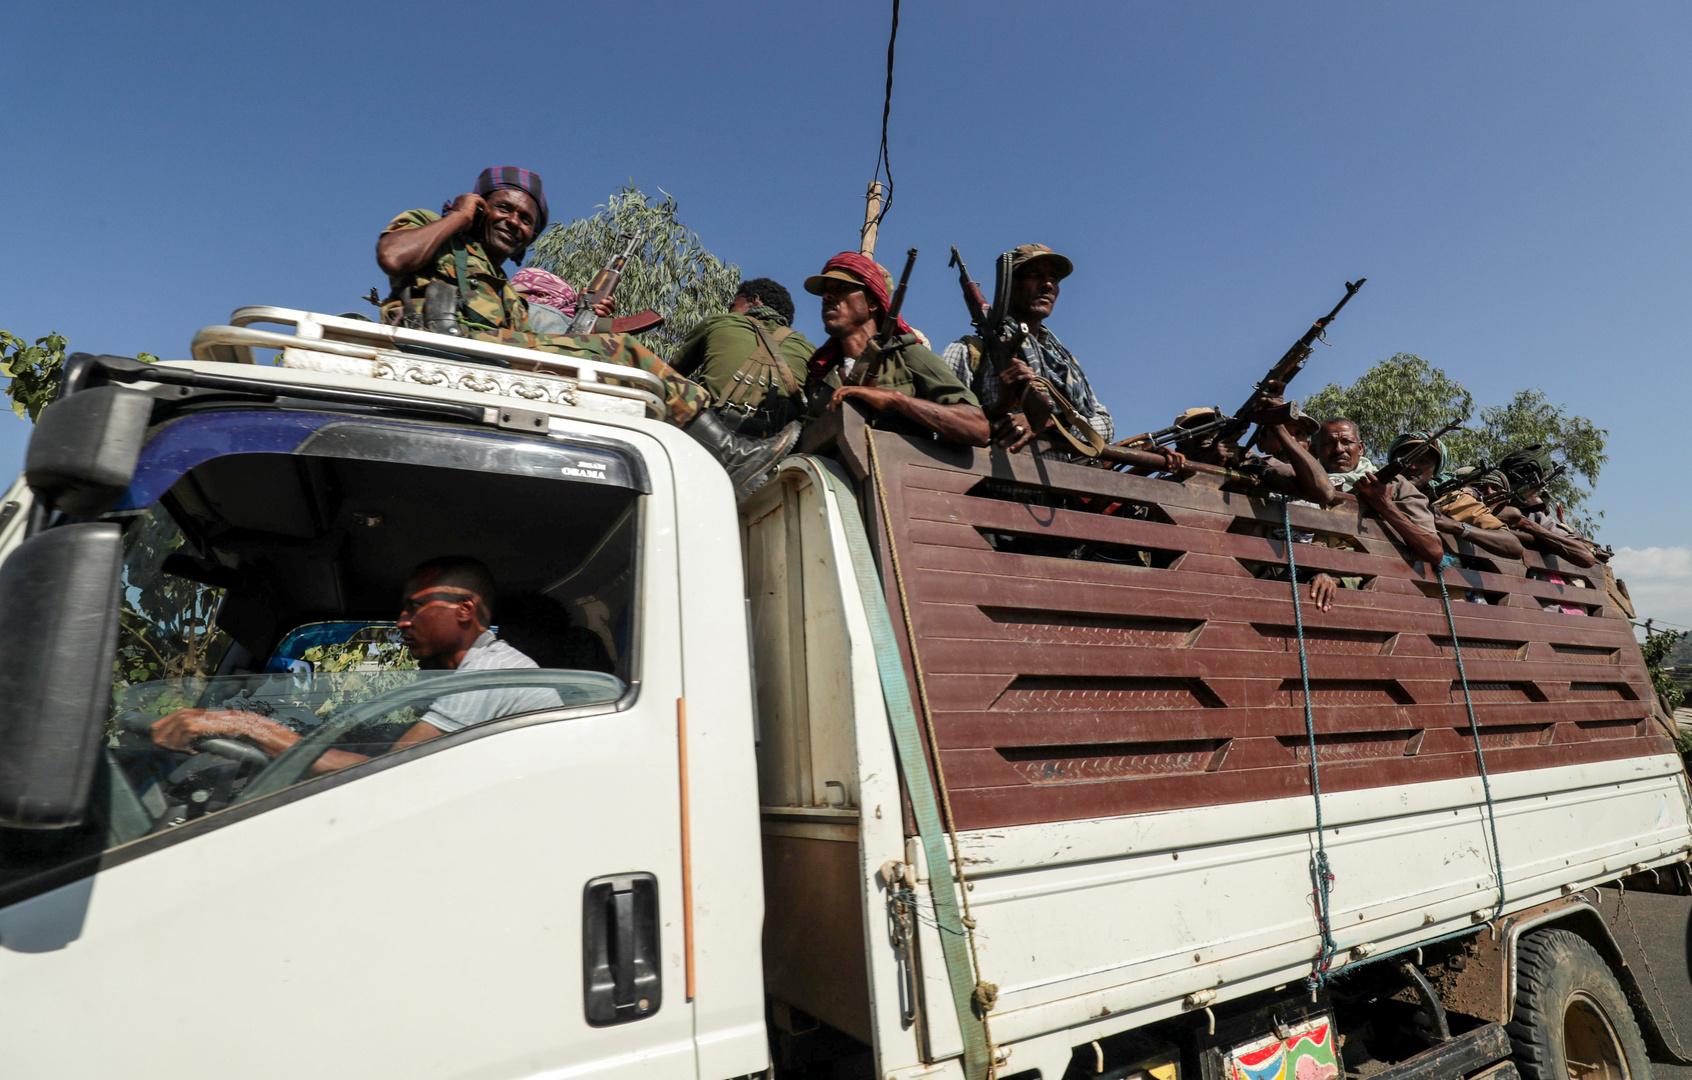 حكومة تيغراي: الانتصار قريب وإقليمنا أصبح جحيما لأعدائه